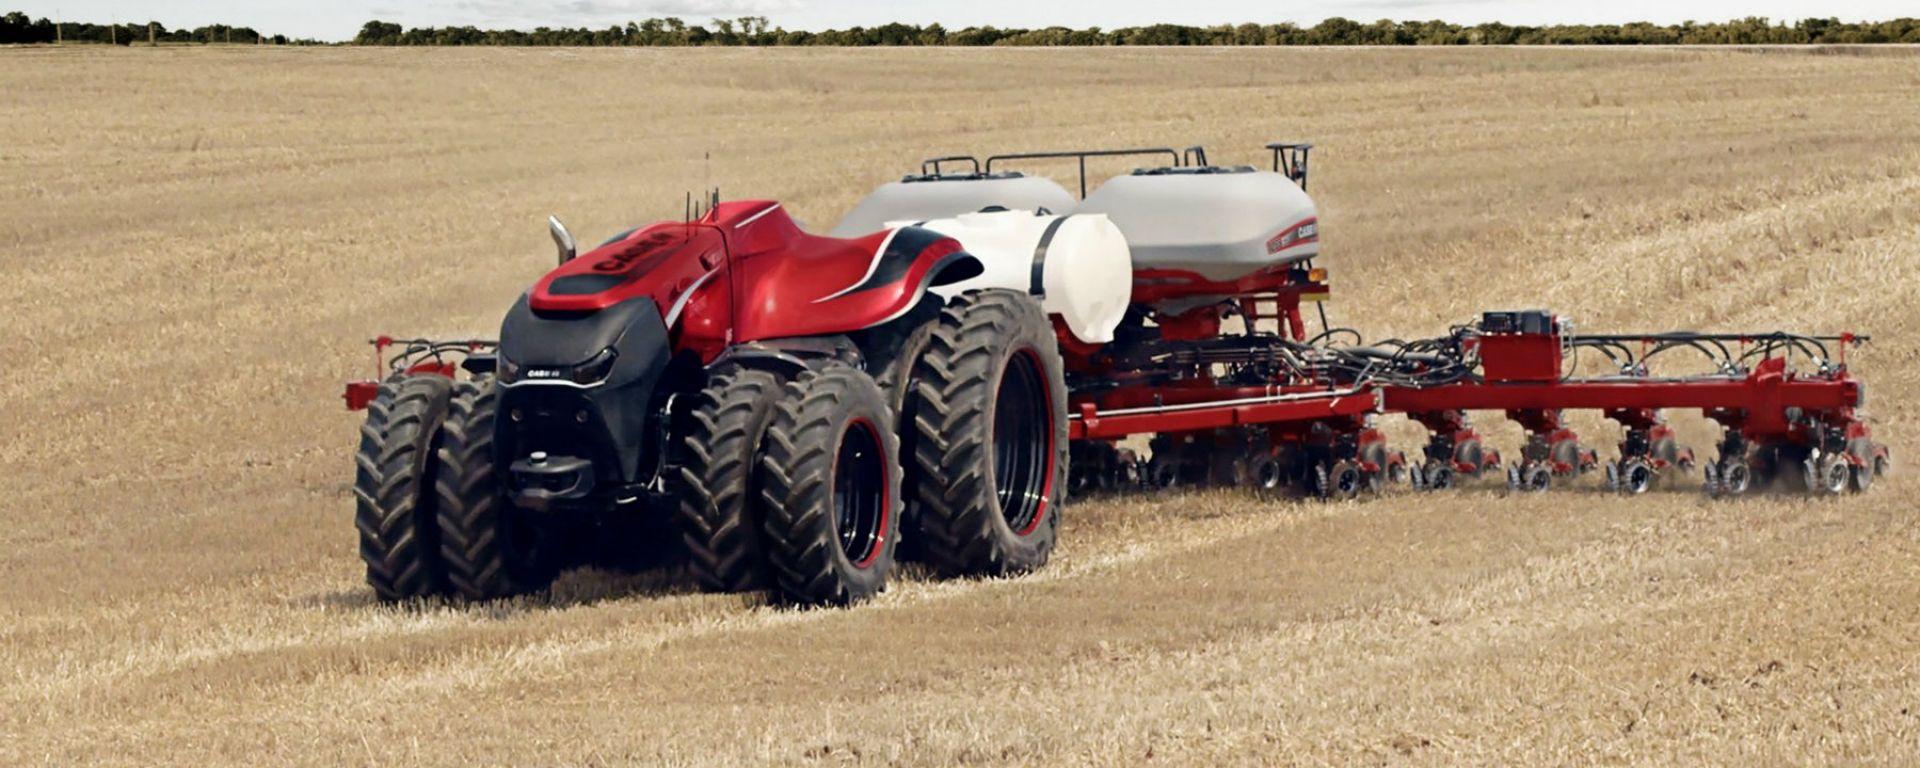 Guida autonoma: CNH Industrial la mette sui trattori